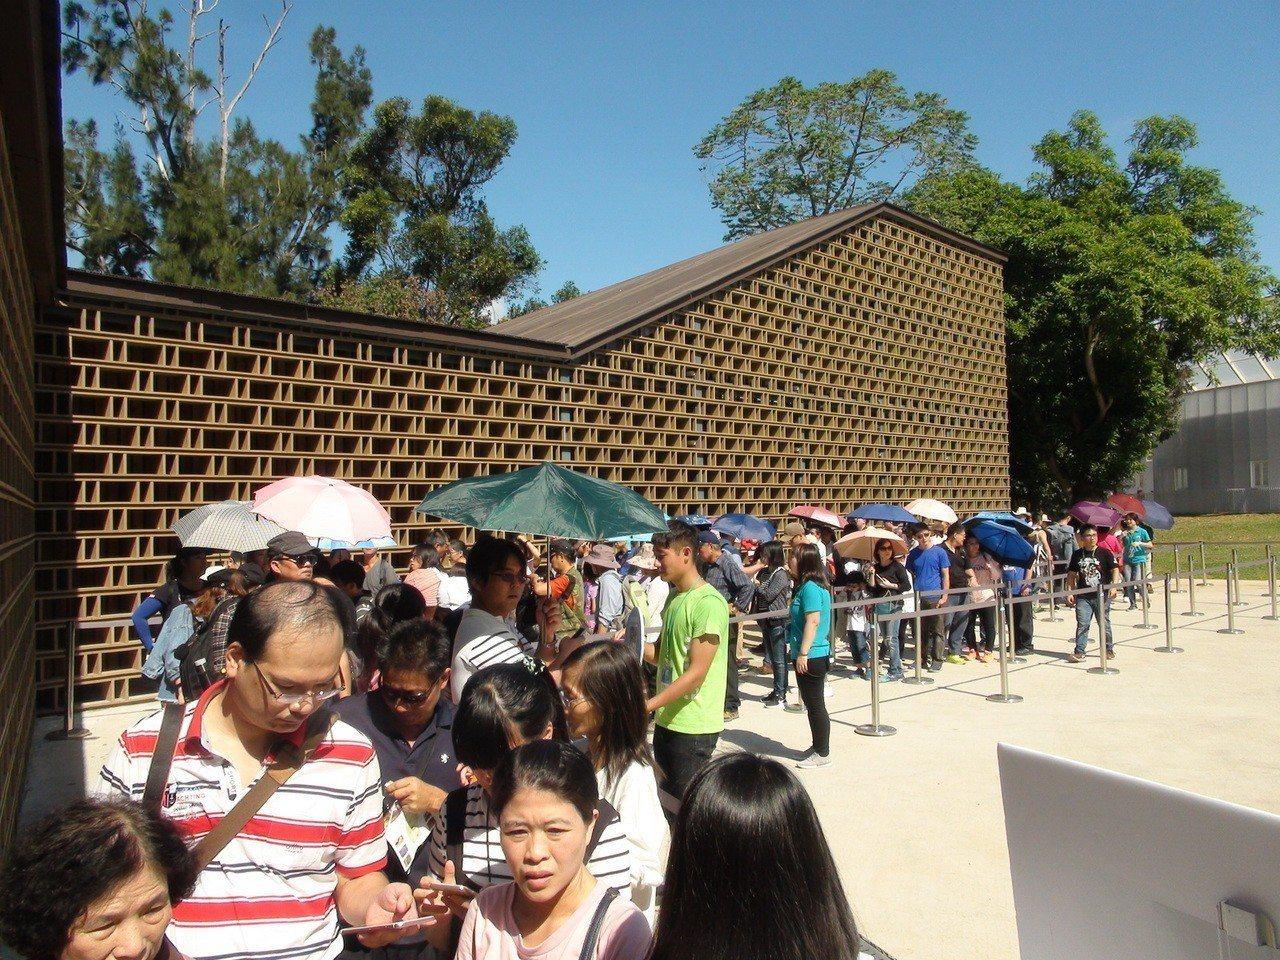 台中 花 博 開幕 第二天, 吸引 許多 遊客 入園 觀賞, 各 展館 都 出現 排隊 人 龍. 記者 余 采 瀅 / 攝影